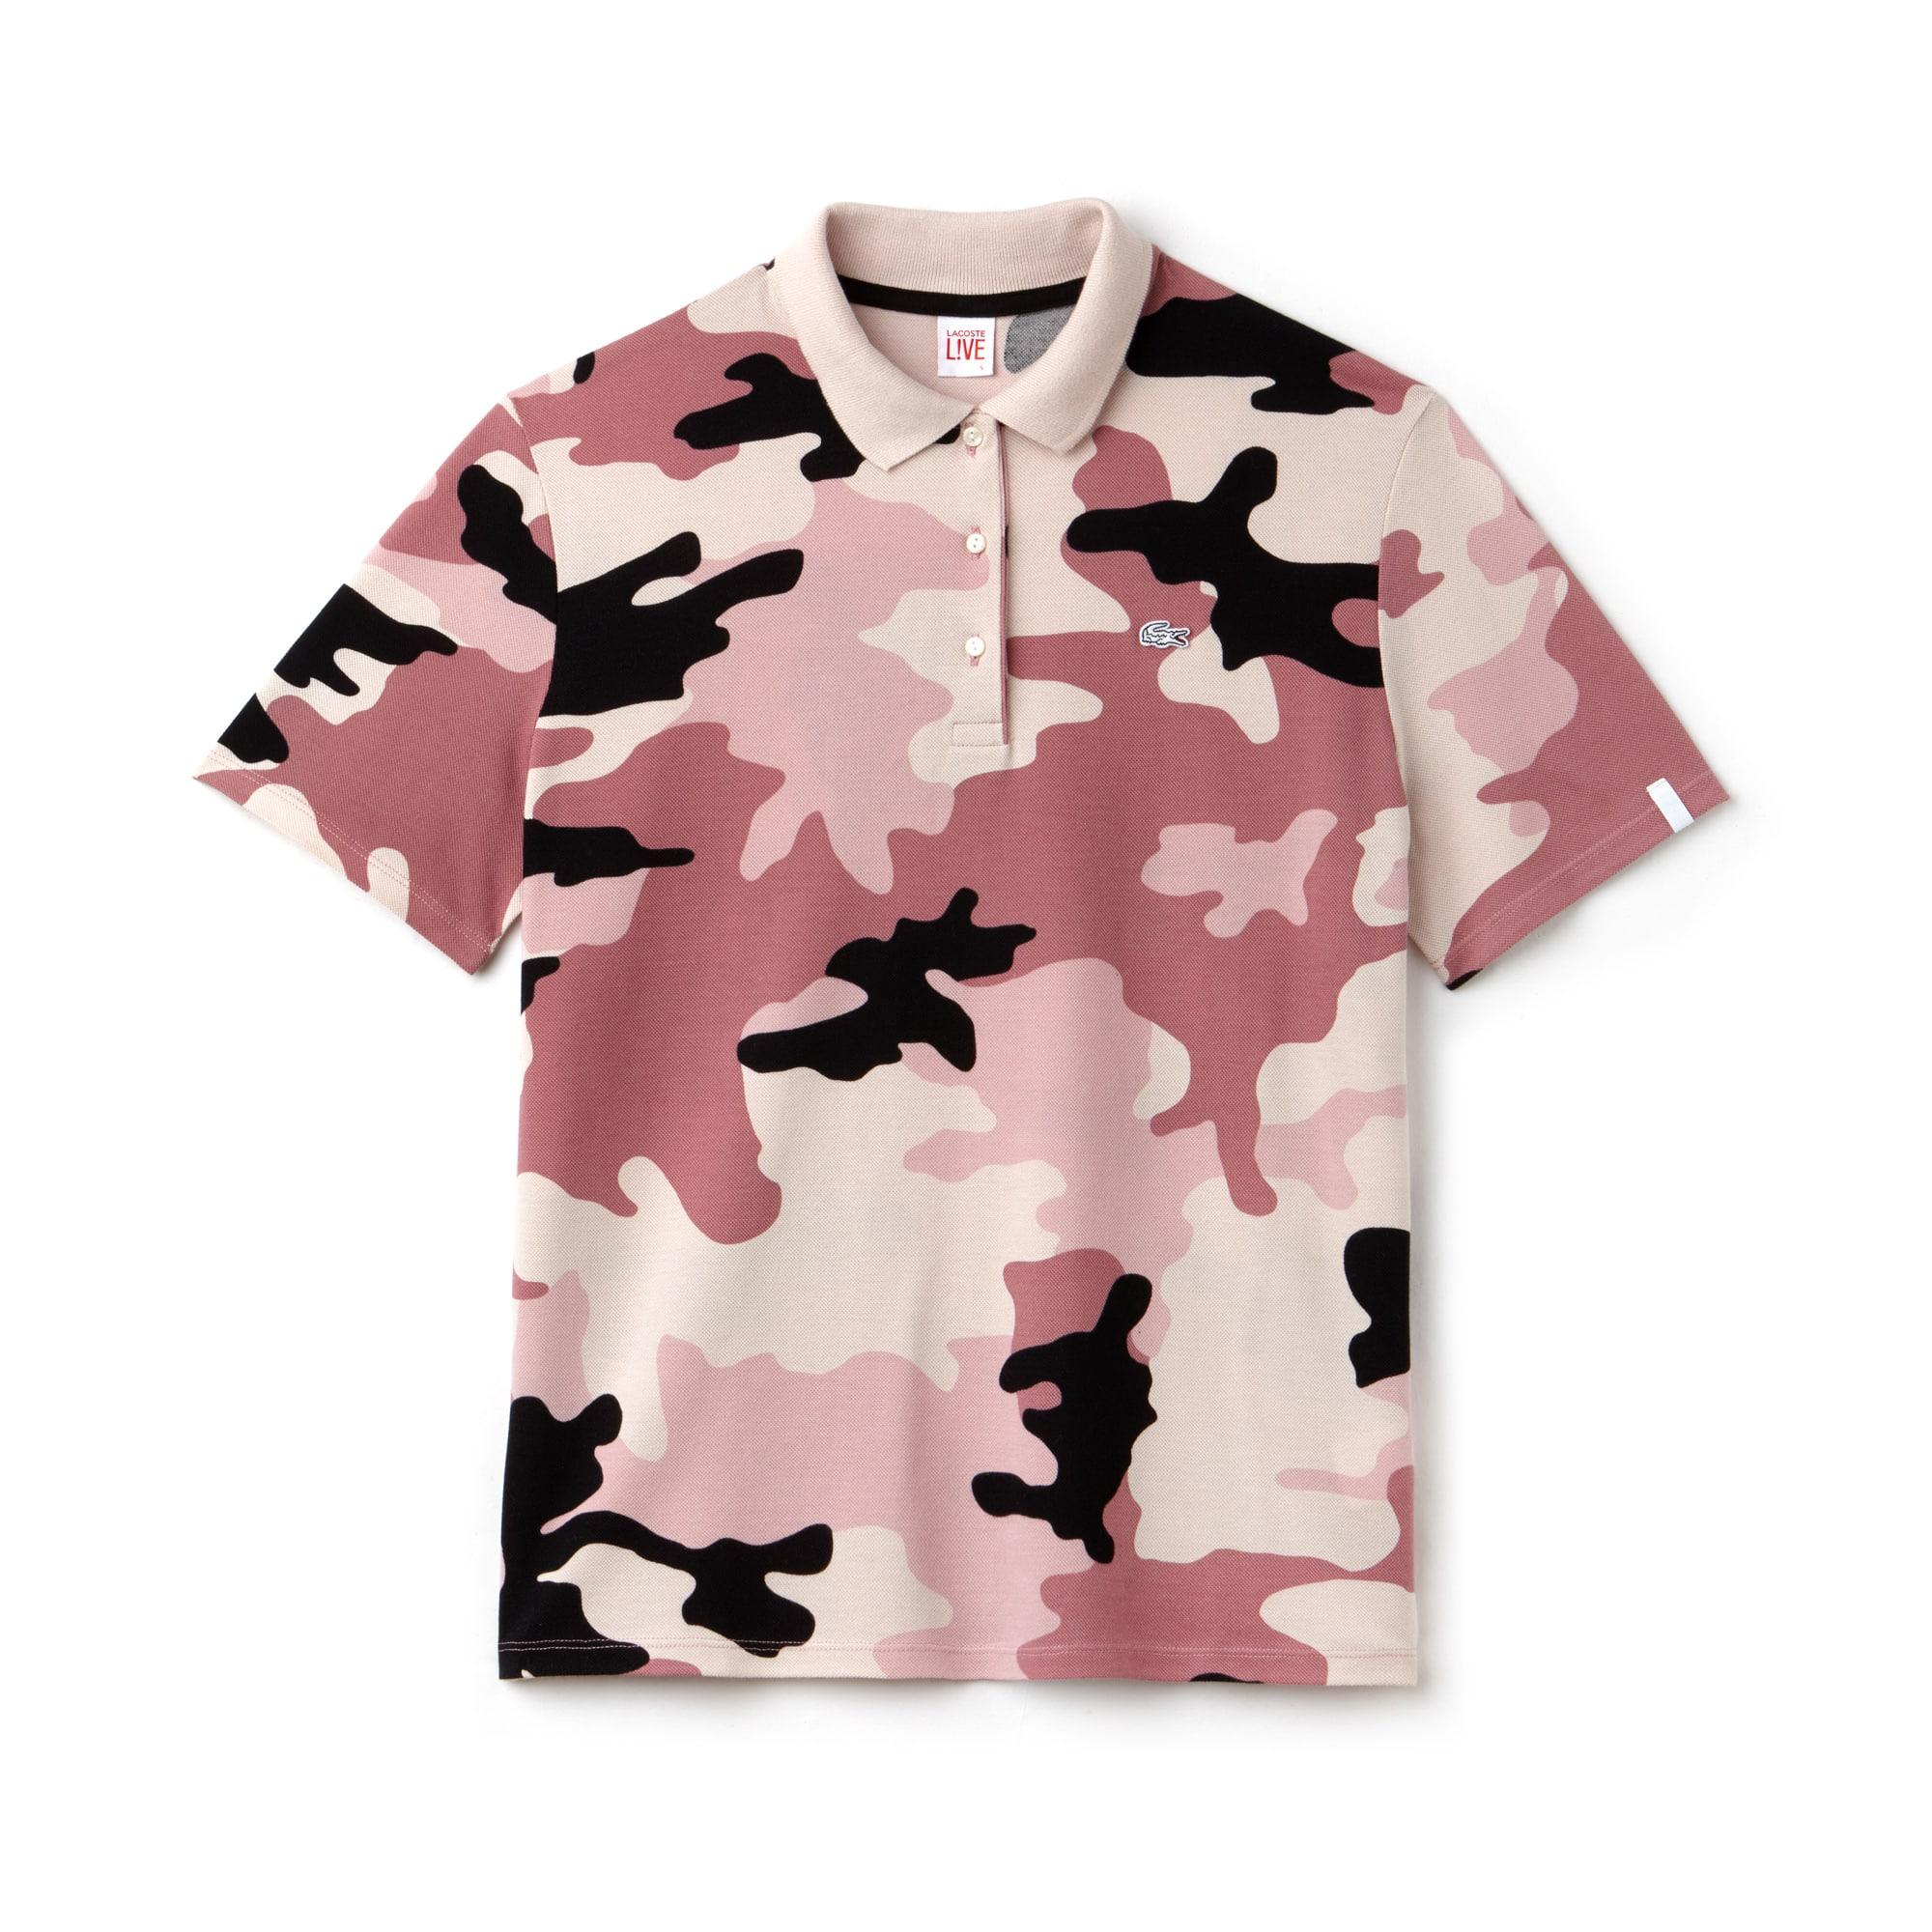 Polo loose fit Lacoste LIVE em mini piqué com impressão camuflagem